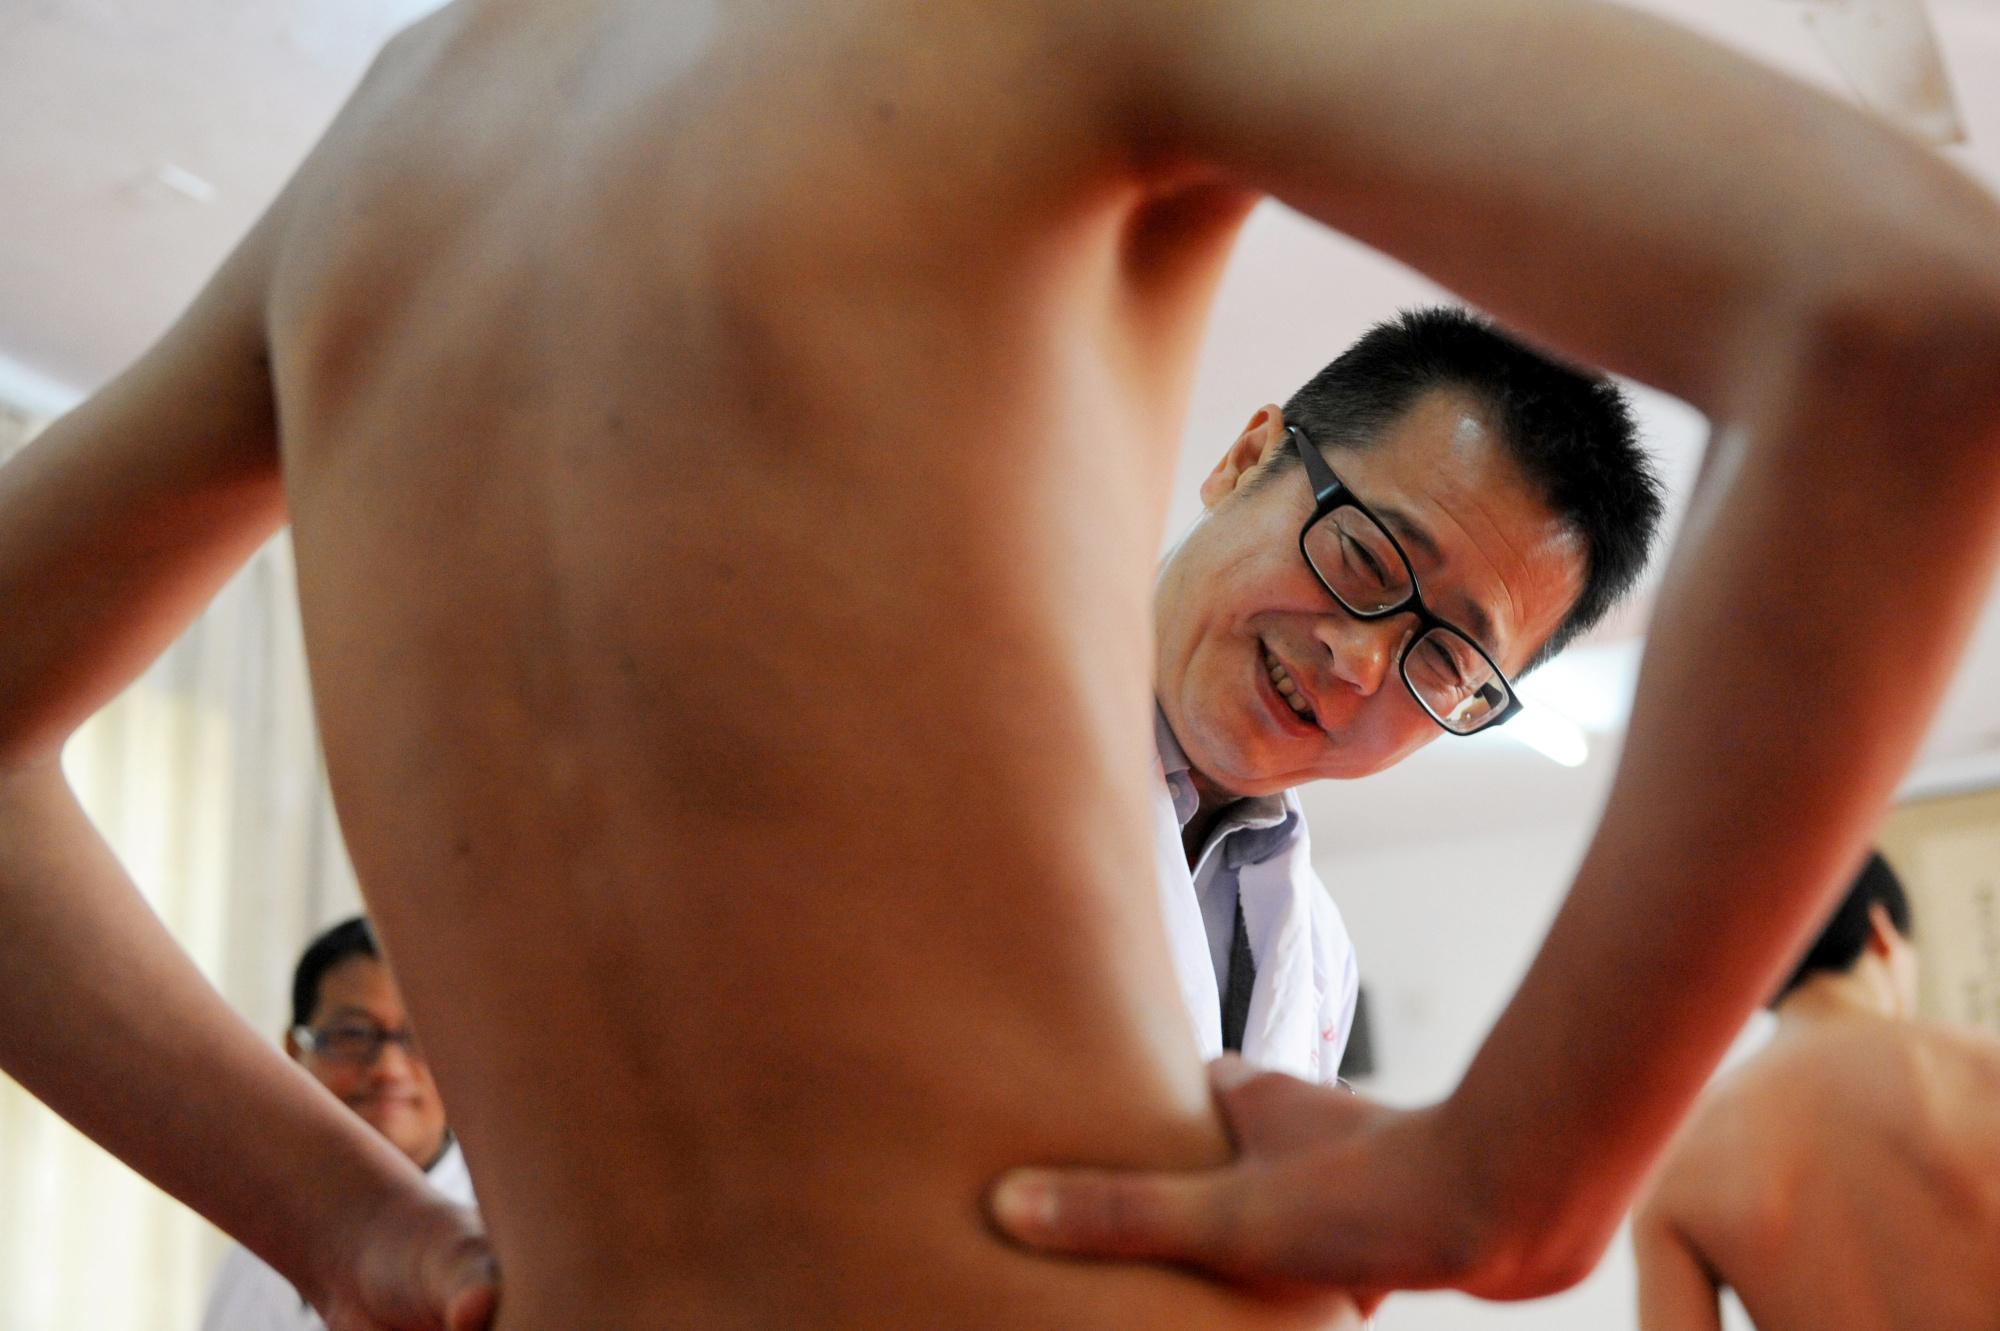 Смотреть онлайн без регистрации на осмотре у японского доктора 10 фотография